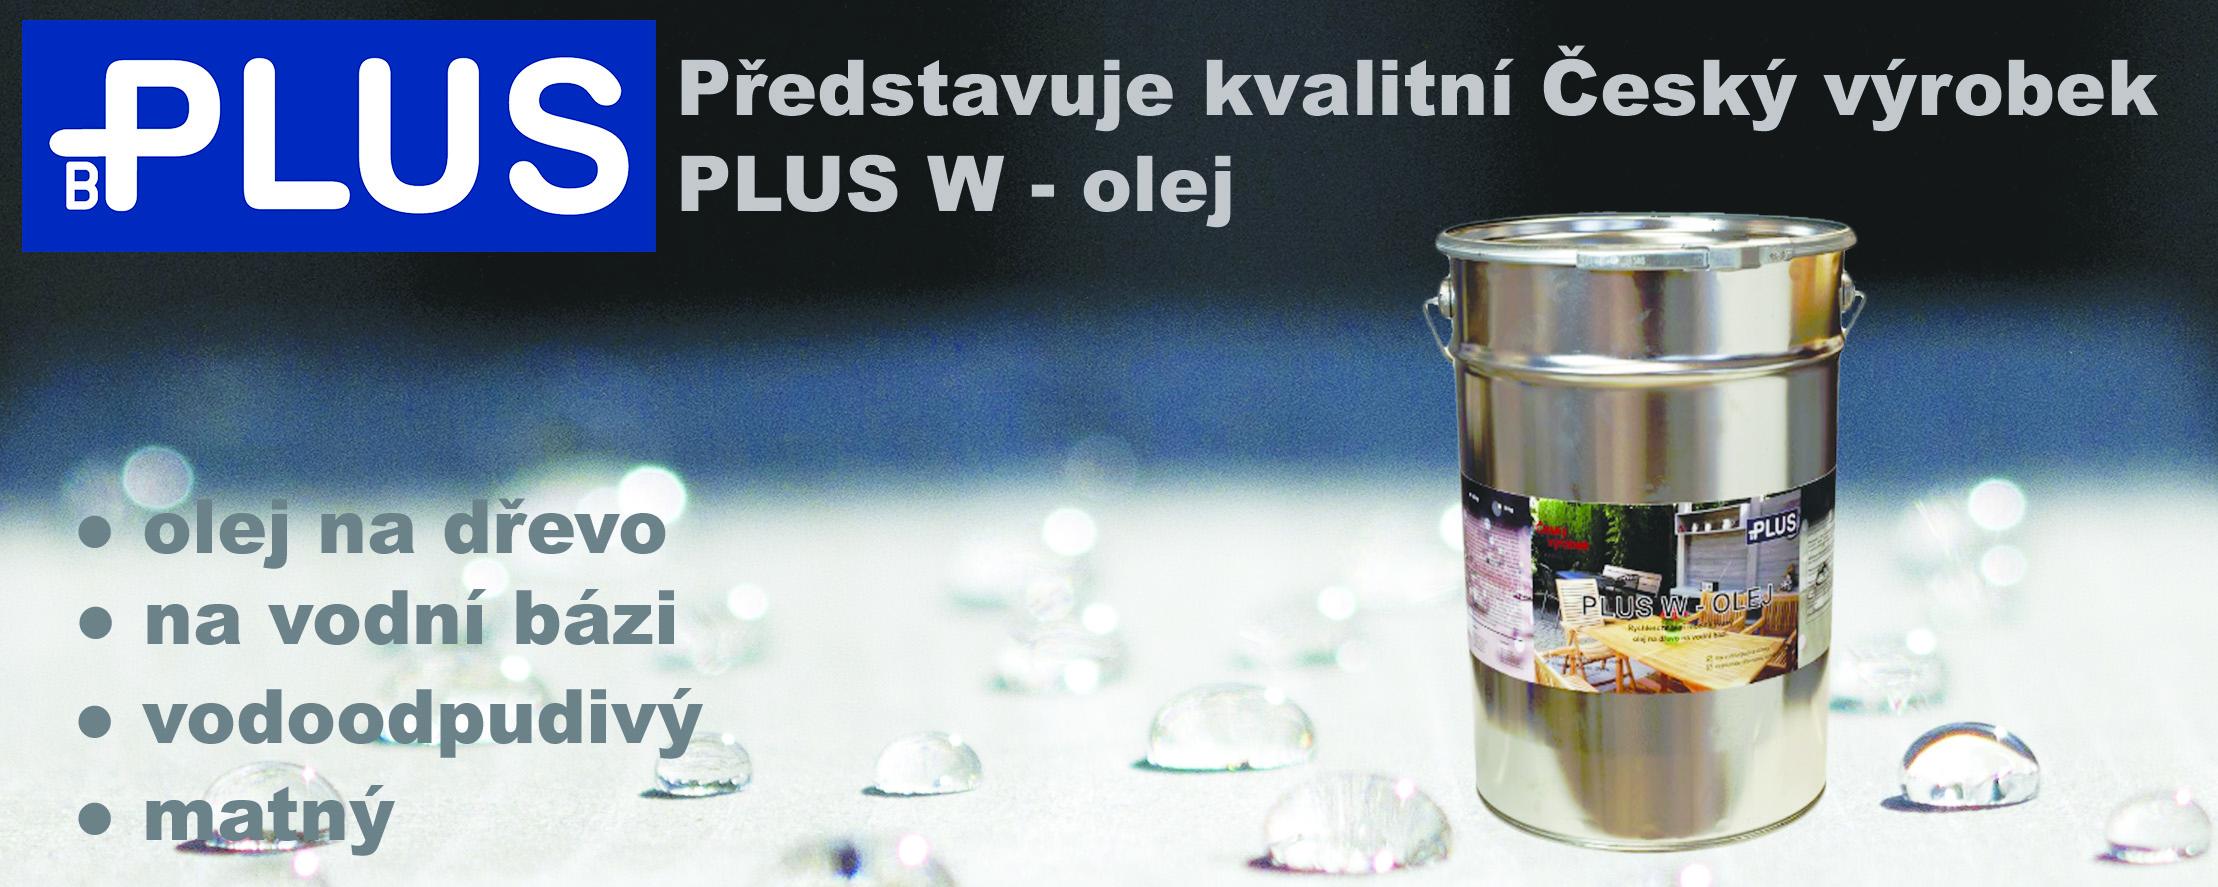 PLUS W-olej - prezentace vodouředitelné lazury s obsahem oleje